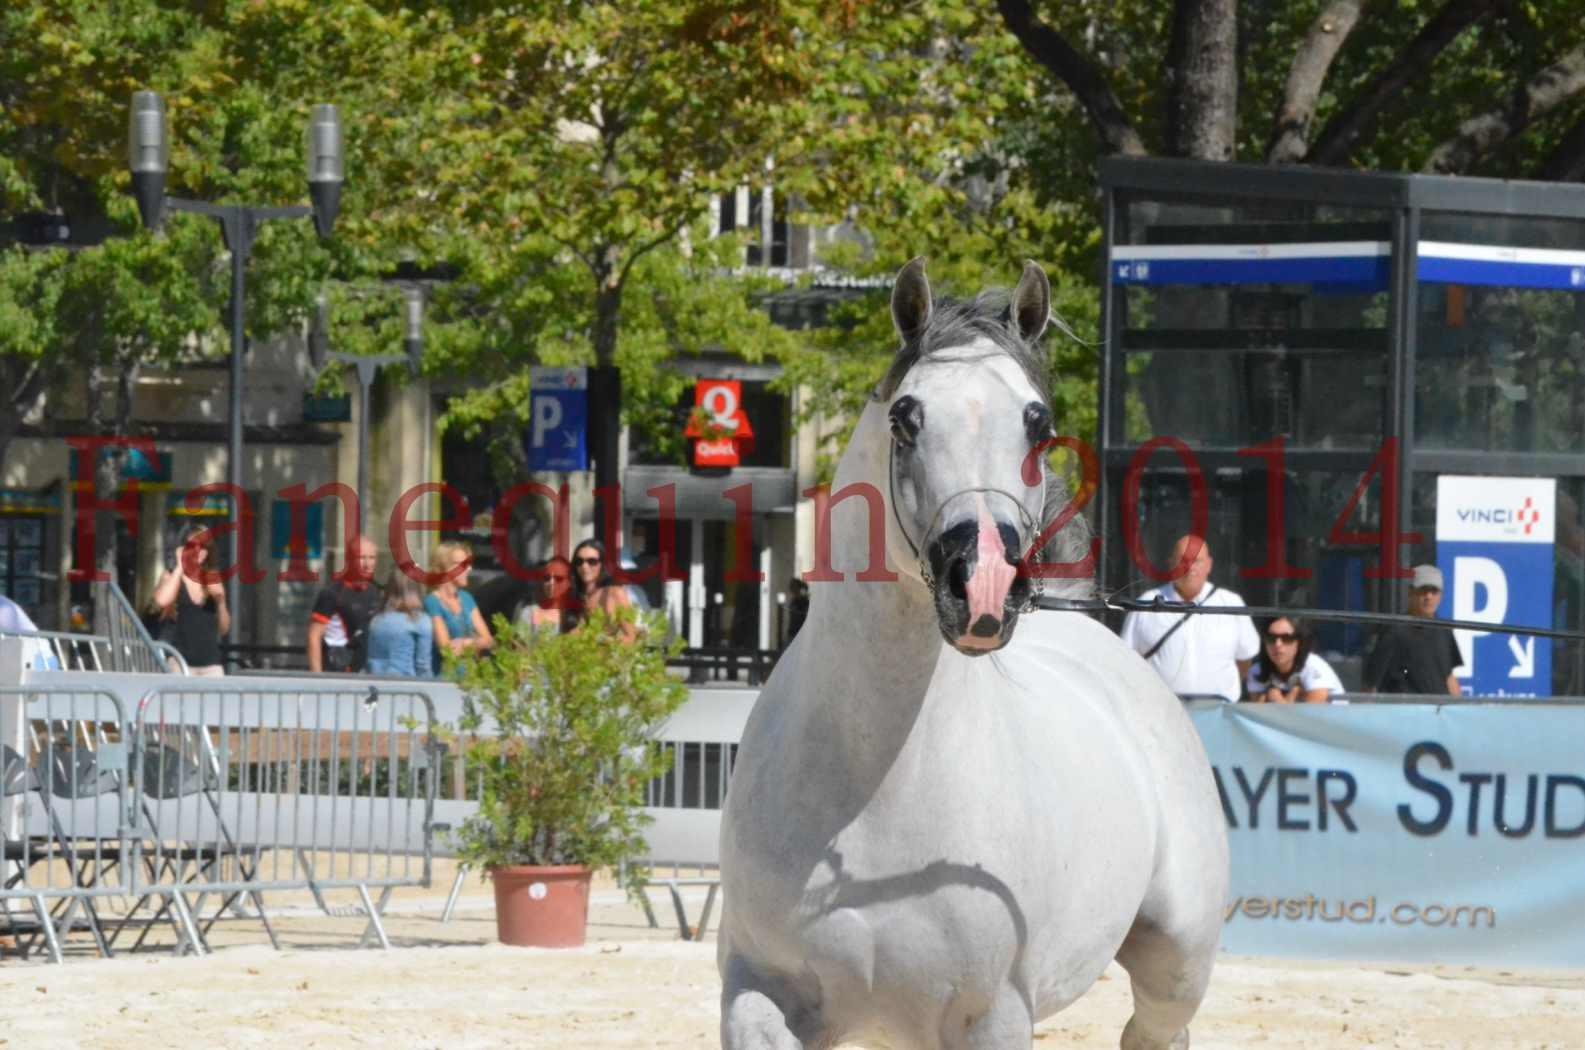 Concours National de Nîmes de chevaux ARABES 2014 - Sélection - SHAOLIN DE NEDJAIA - 49